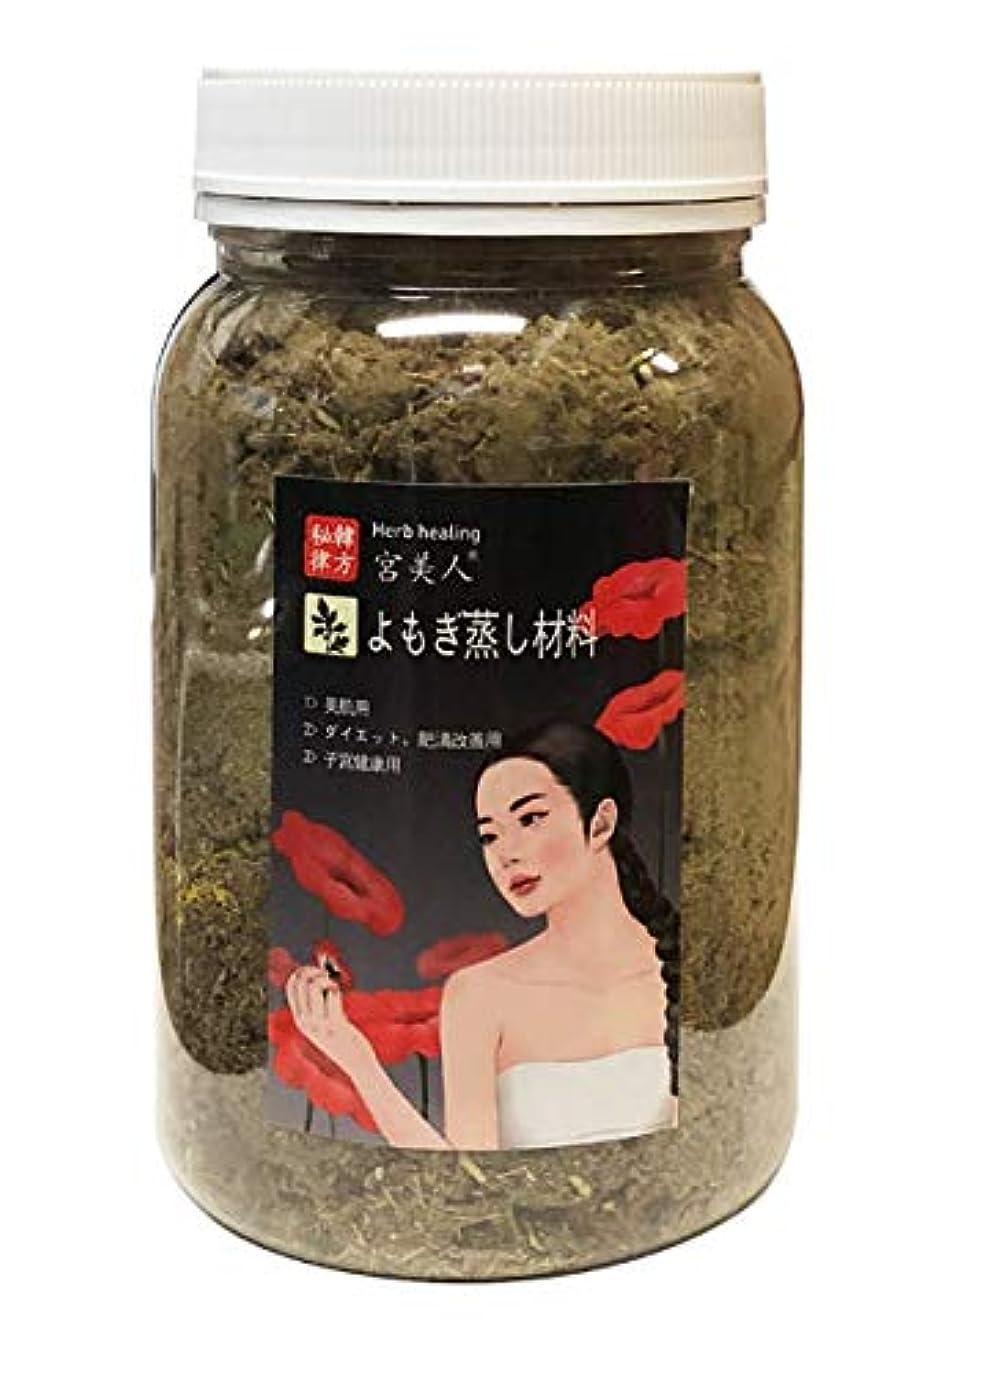 チョップほうき祝福する韓方草ヨモギなど8種類の粉末、ヨモギ蒸し粉末材料 子宮健康管理用230グラム